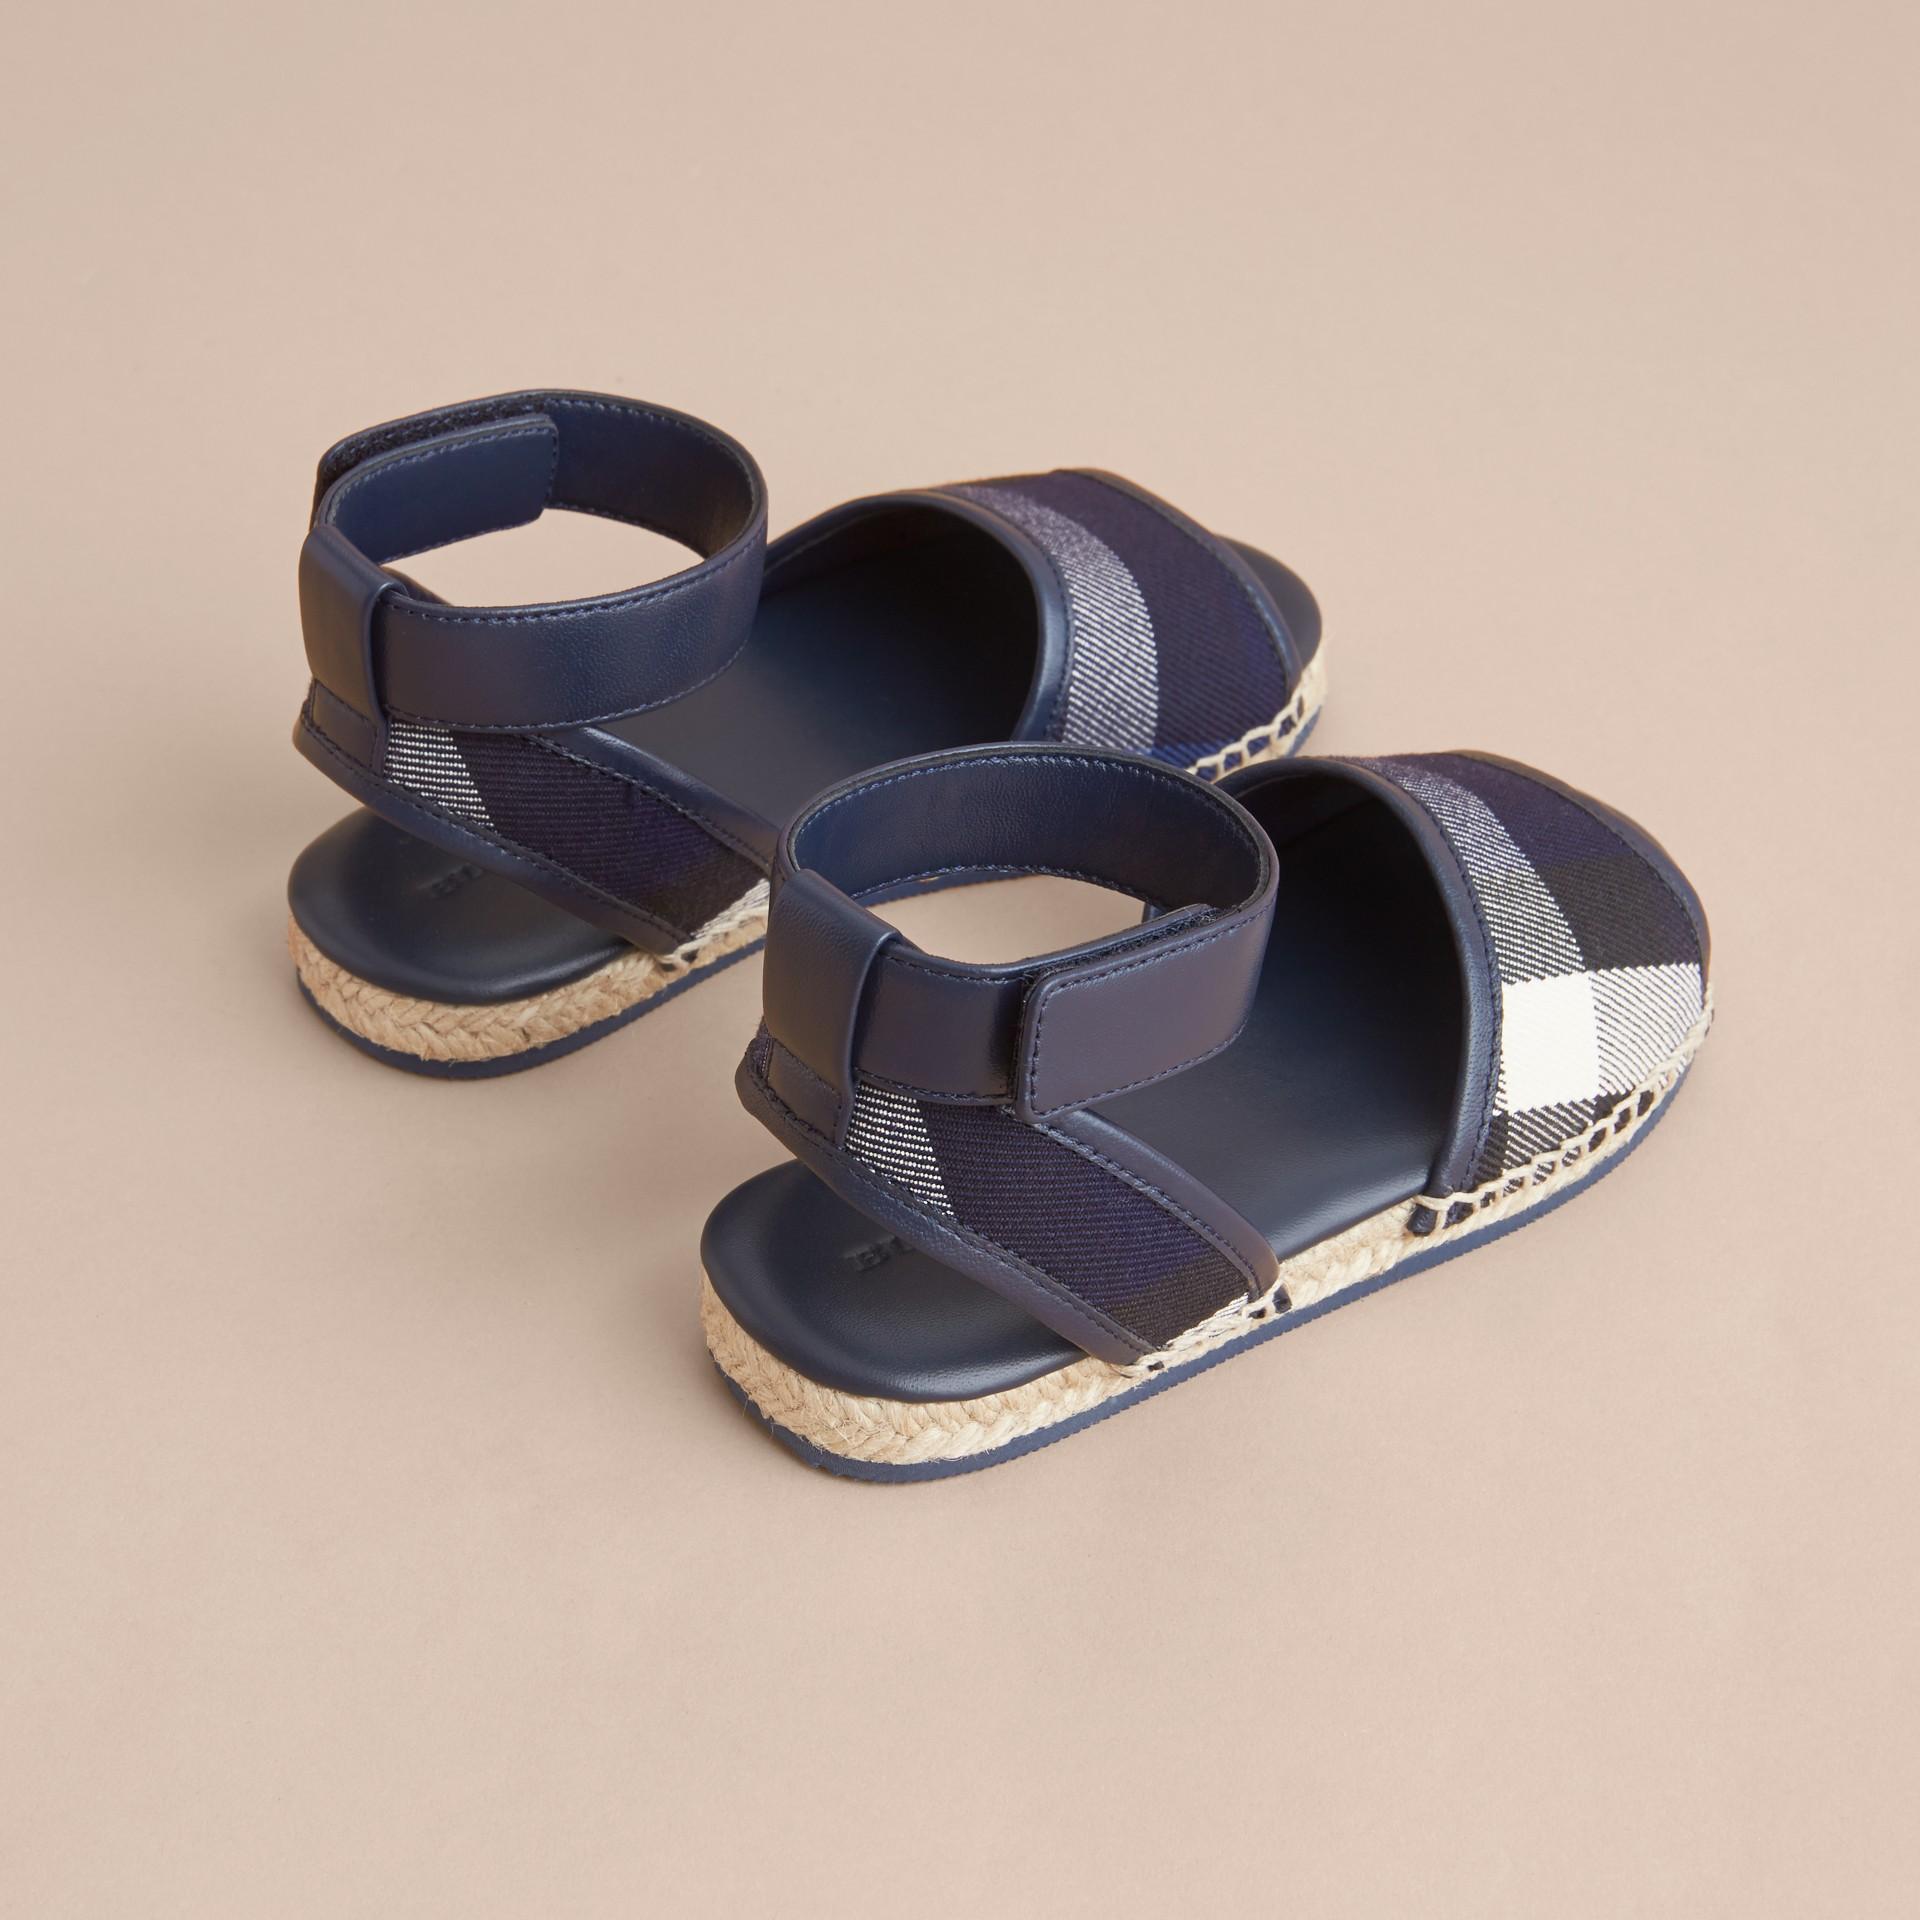 Sandali espadrillas in cotone con motivo House check e cinturino alla caviglia in pelle (Zaffiro Intenso) | Burberry - immagine della galleria 3